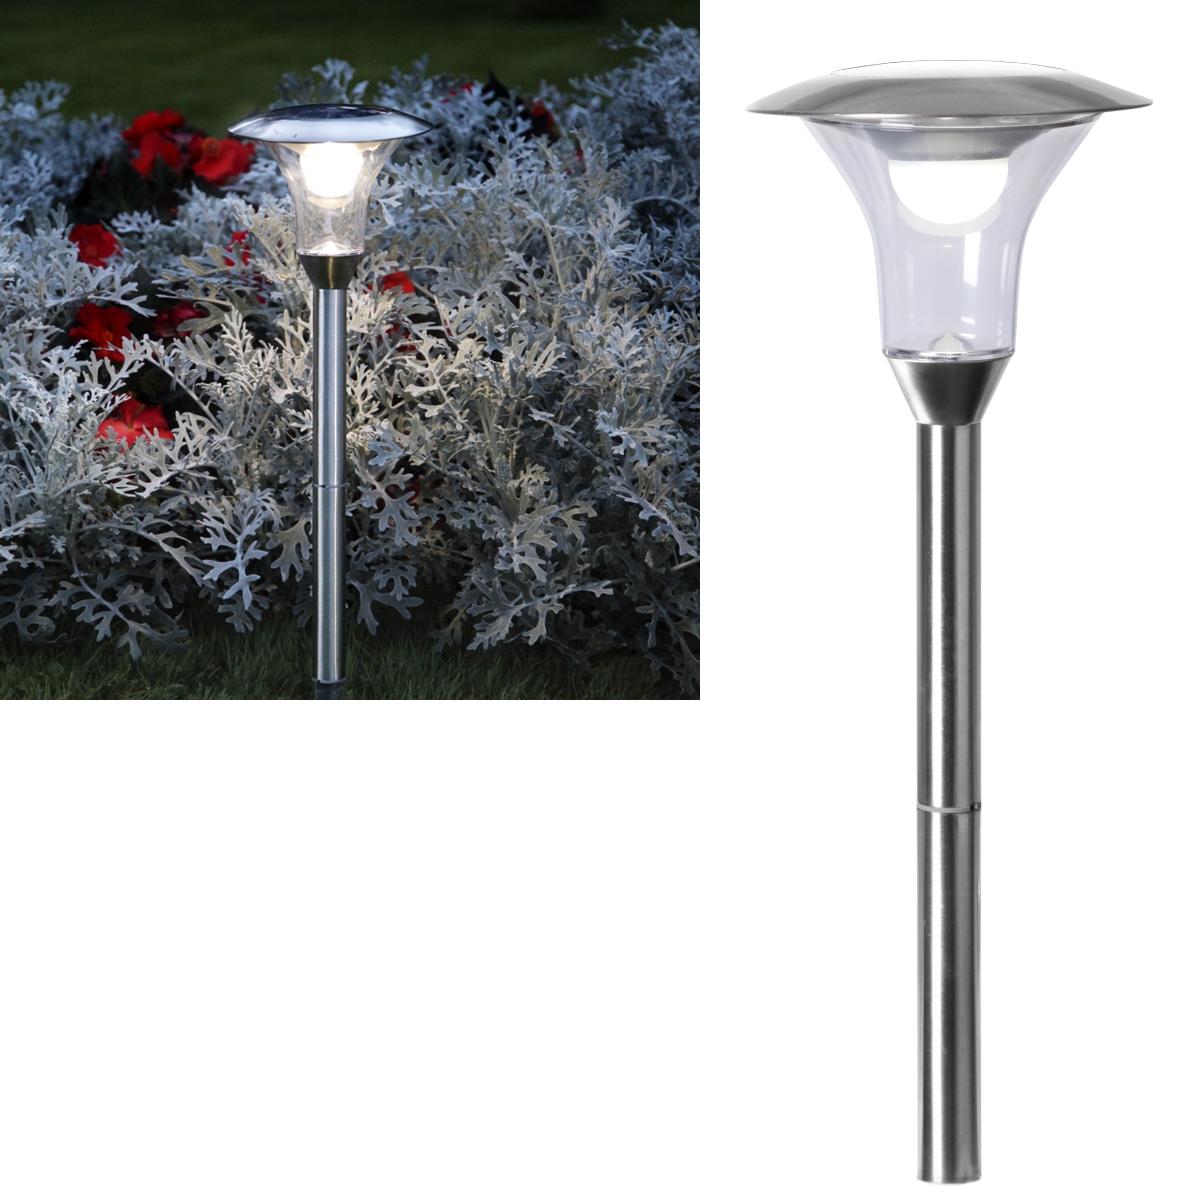 led solar leuchte 10 100lm mit bewegungsmelder warmwei gartenleuchte solarlampe ebay. Black Bedroom Furniture Sets. Home Design Ideas